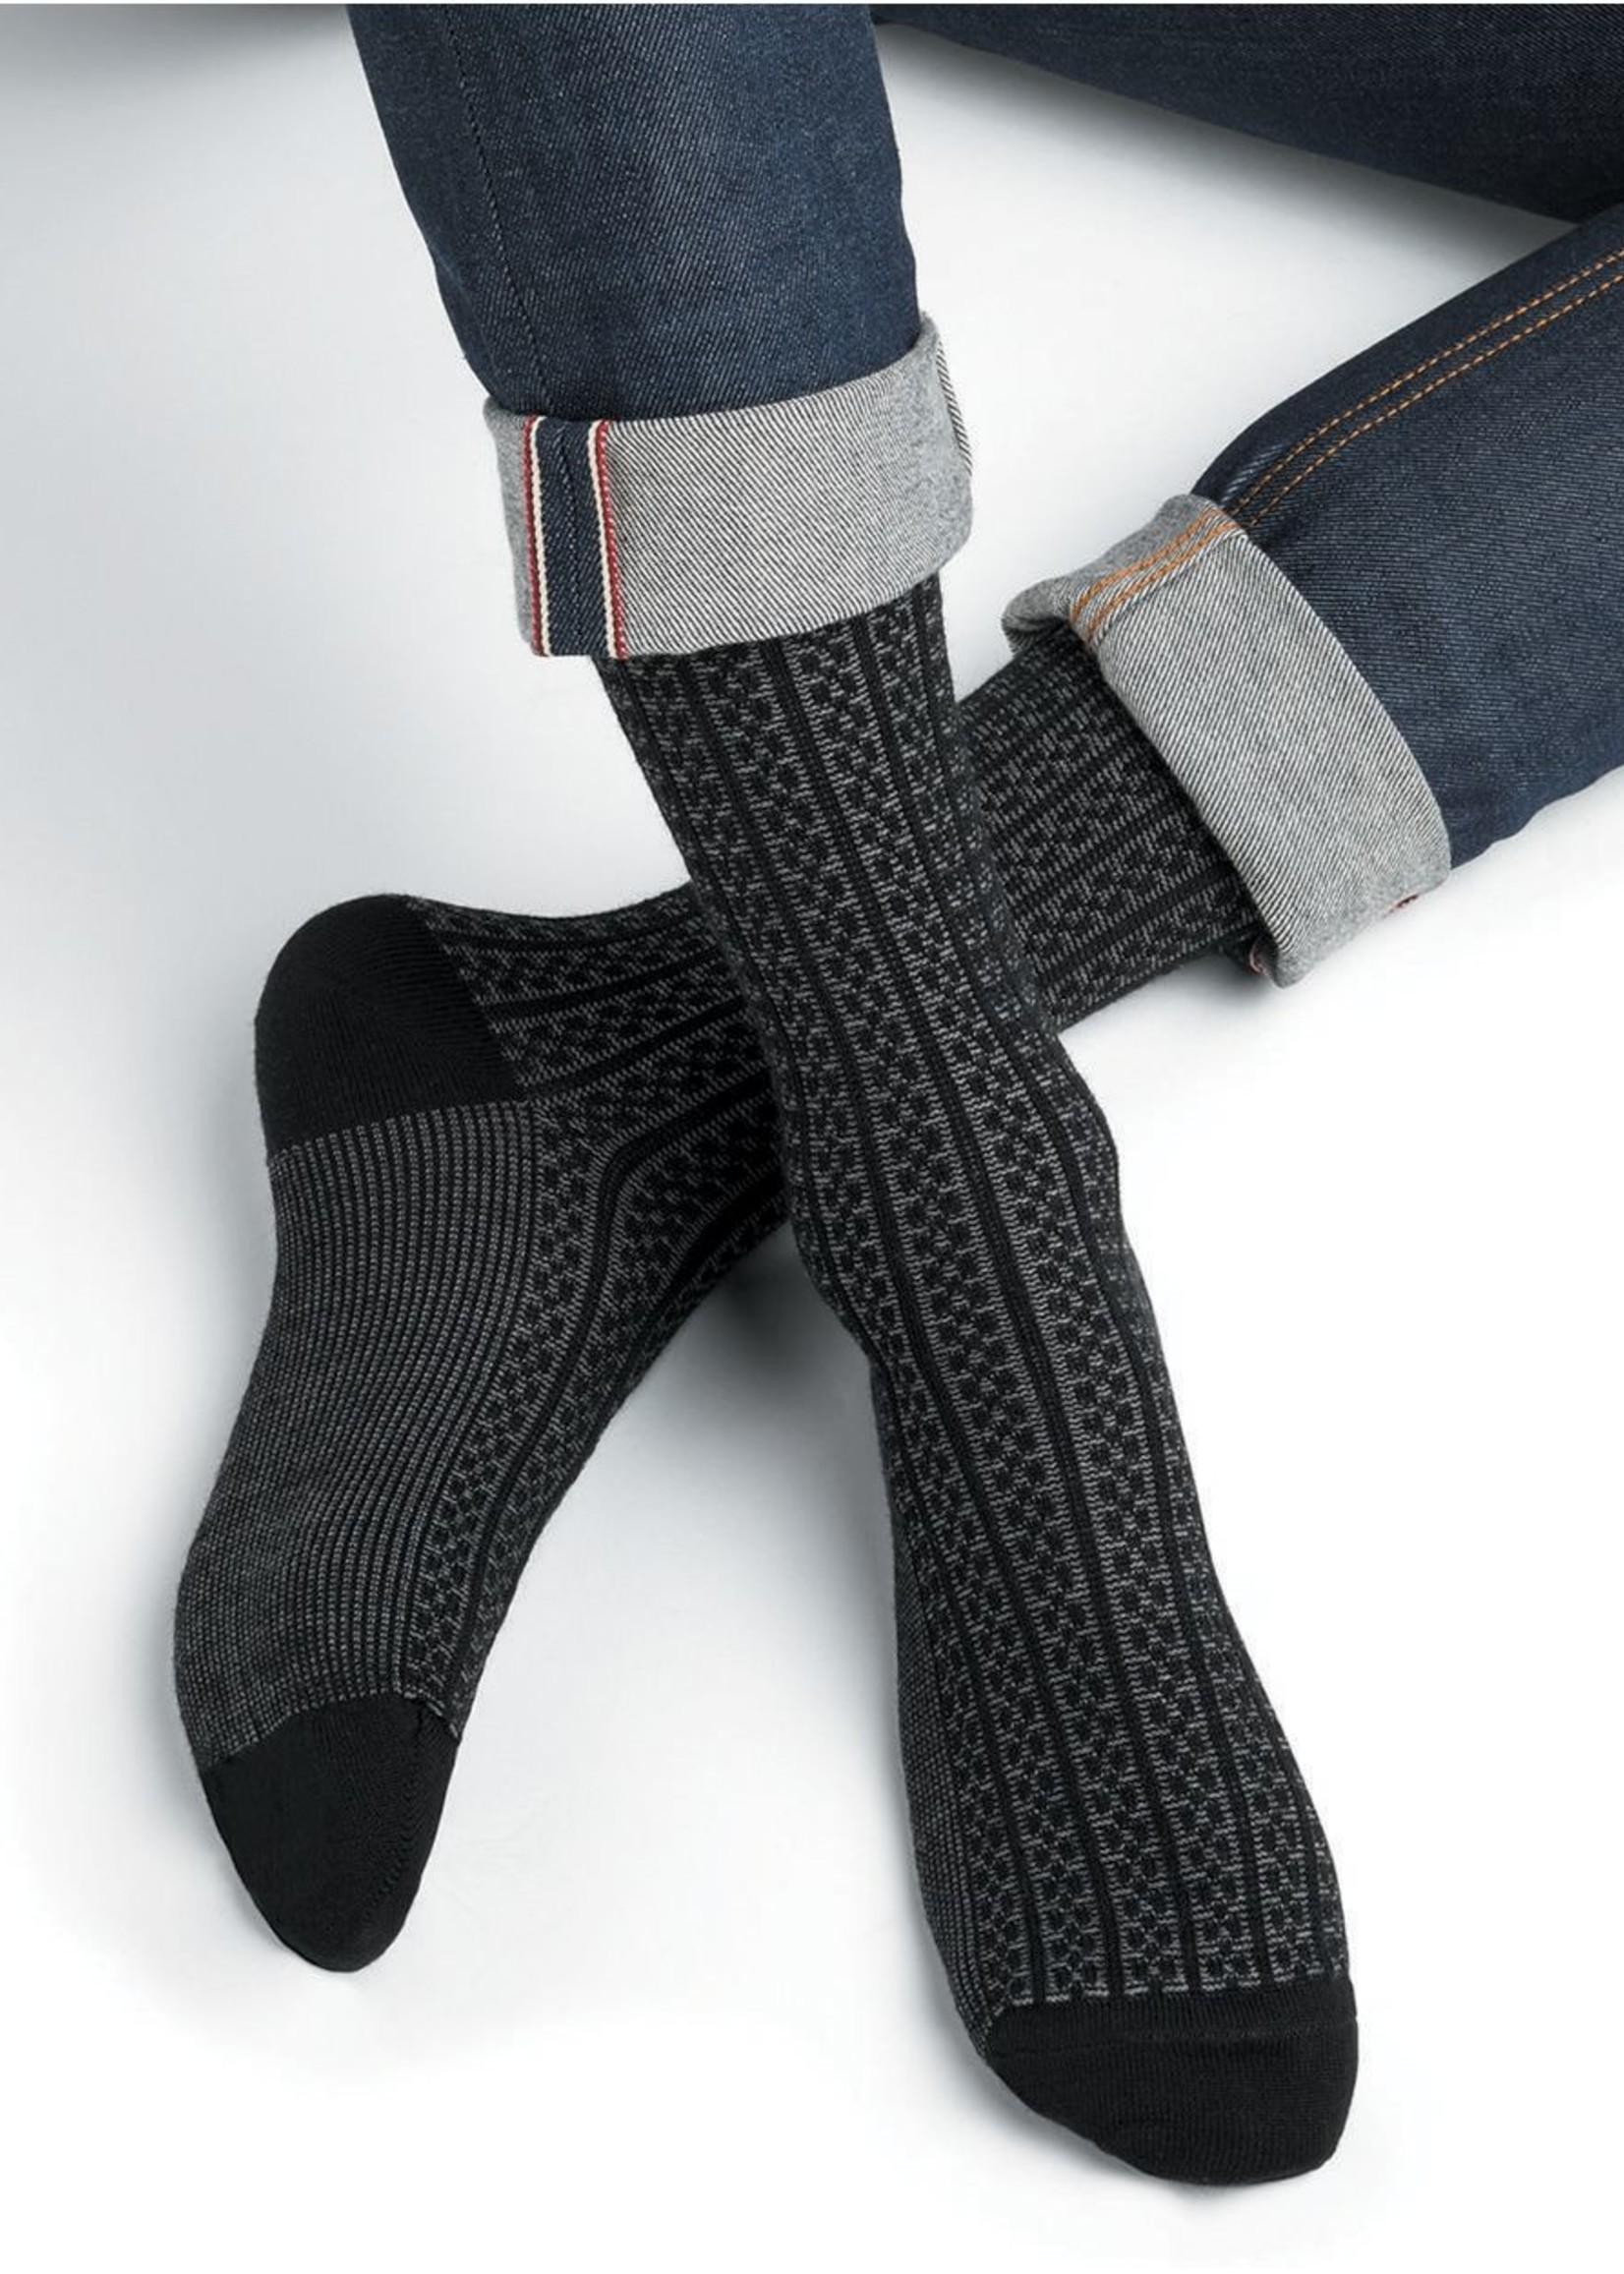 Bleuforet Men's Merino Wool Bicolour Ribbed Socks